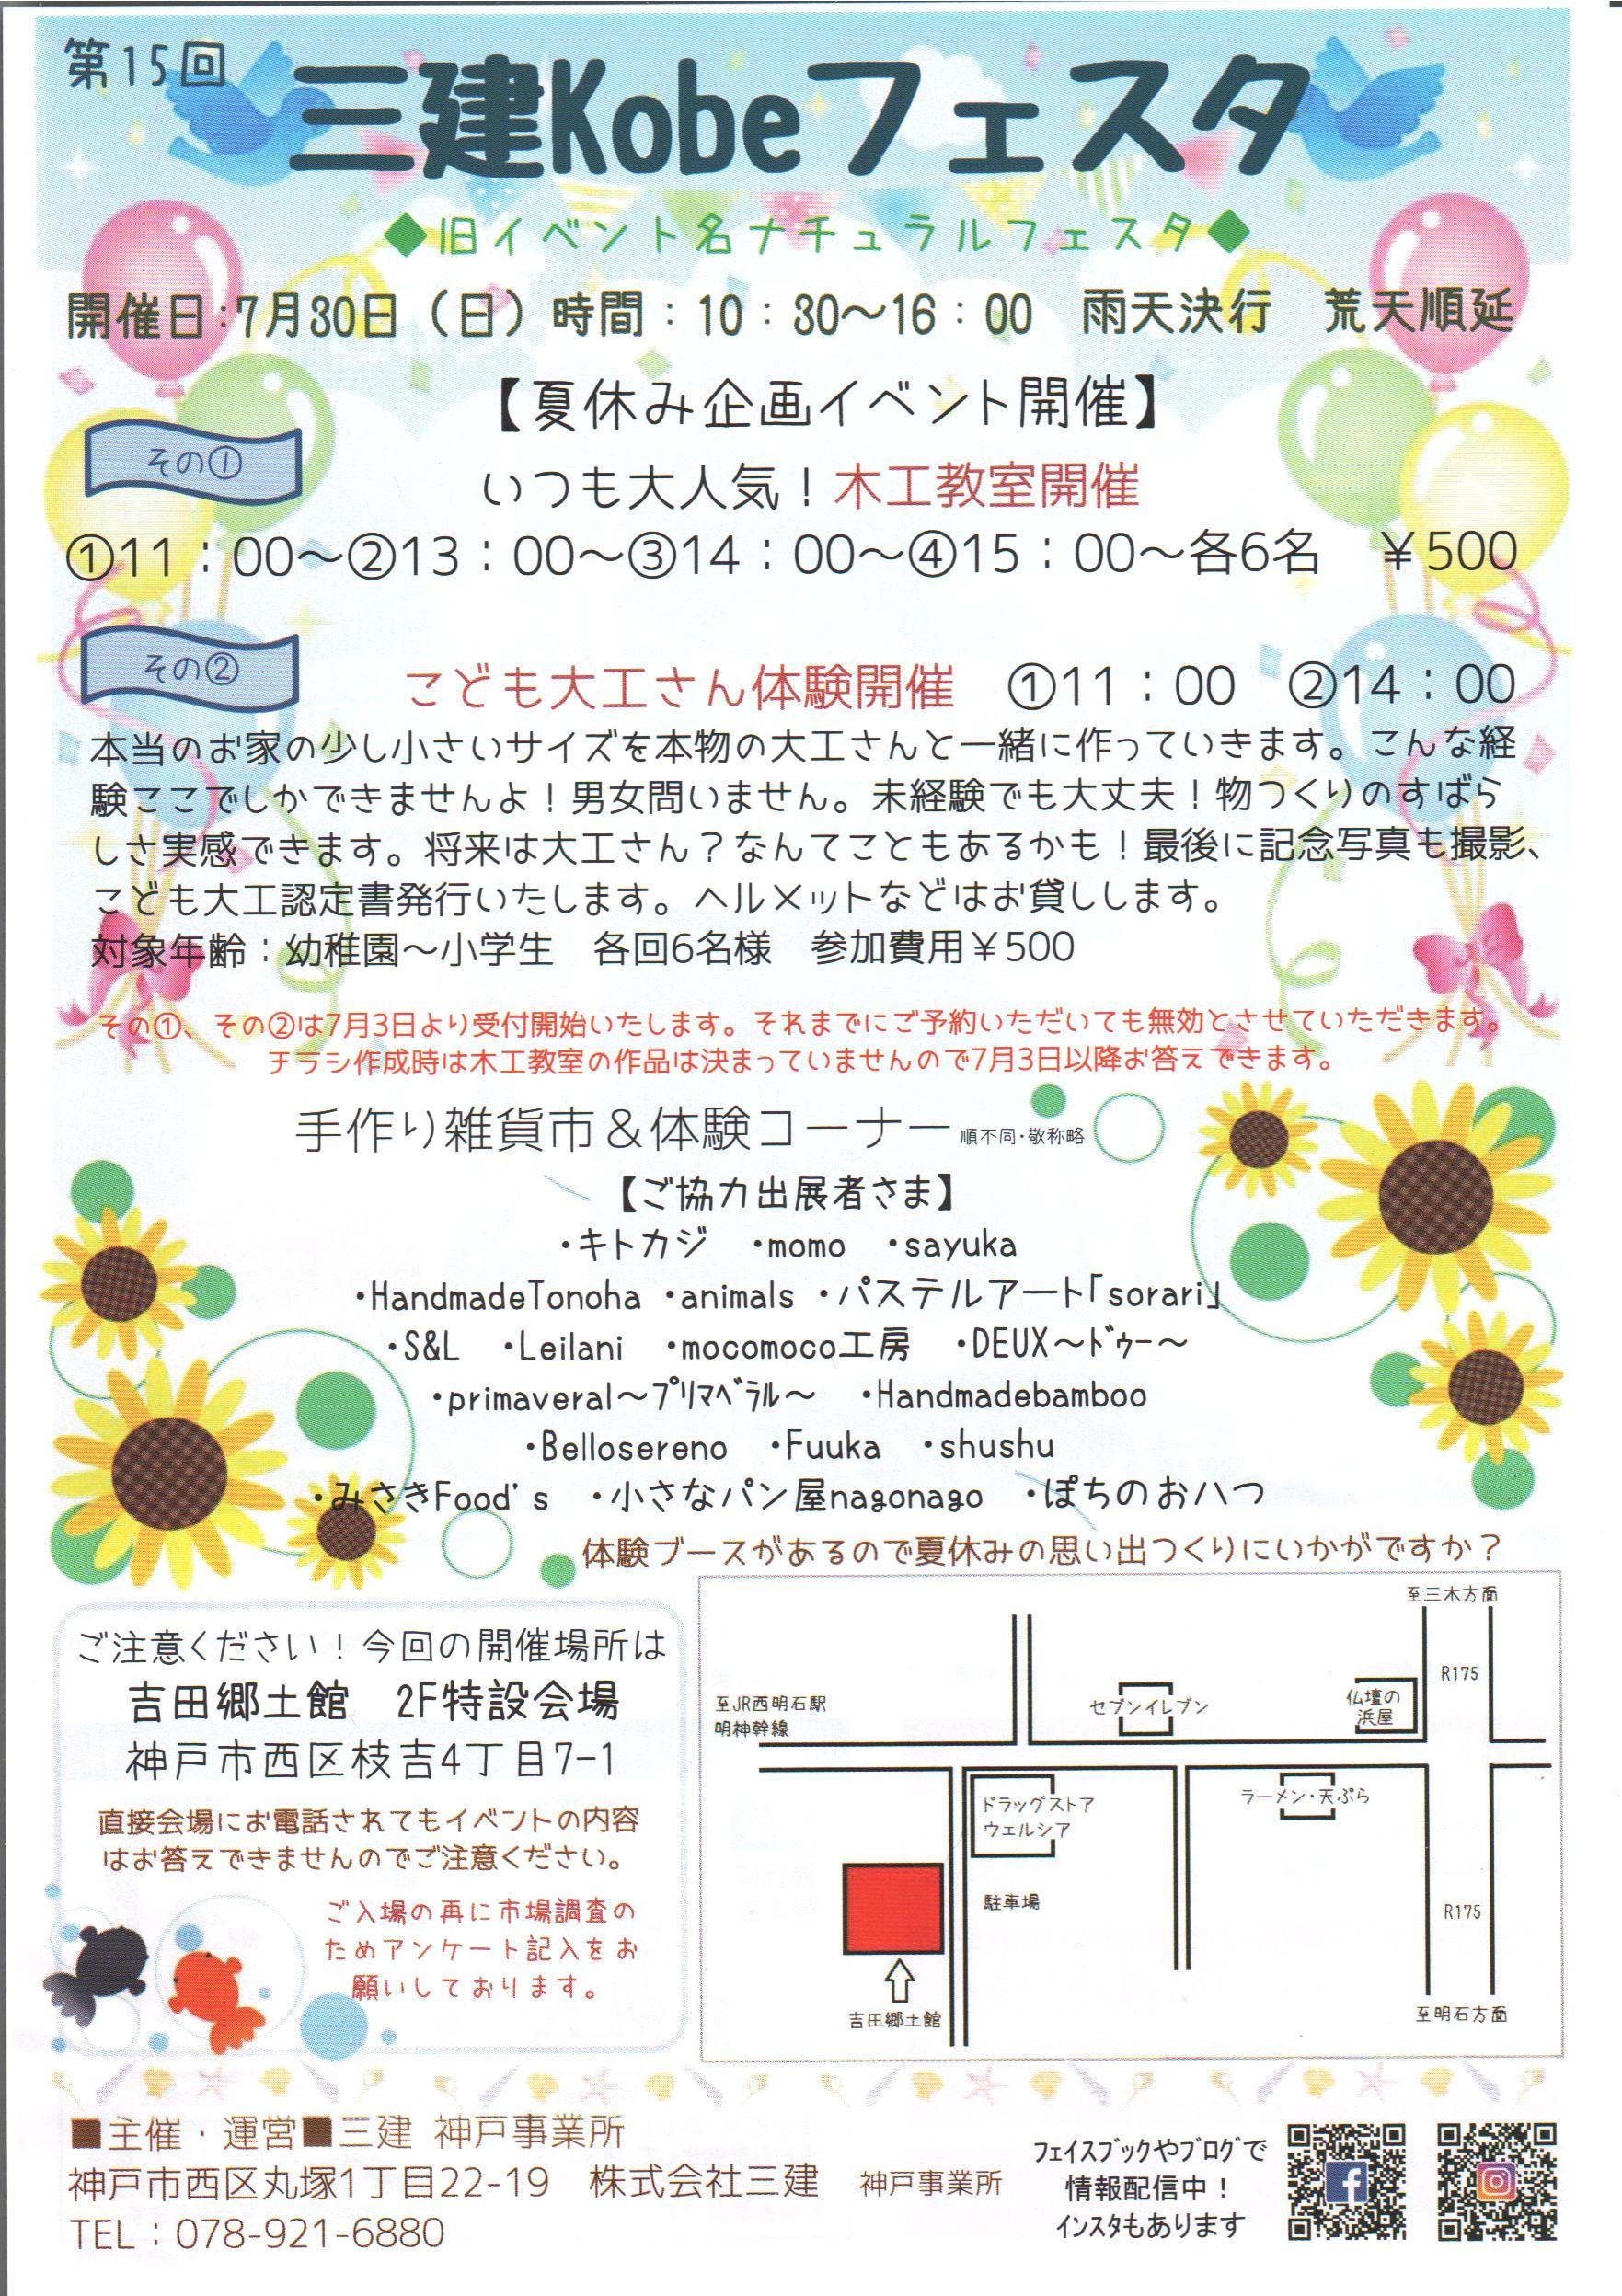 EPSON015 (1)